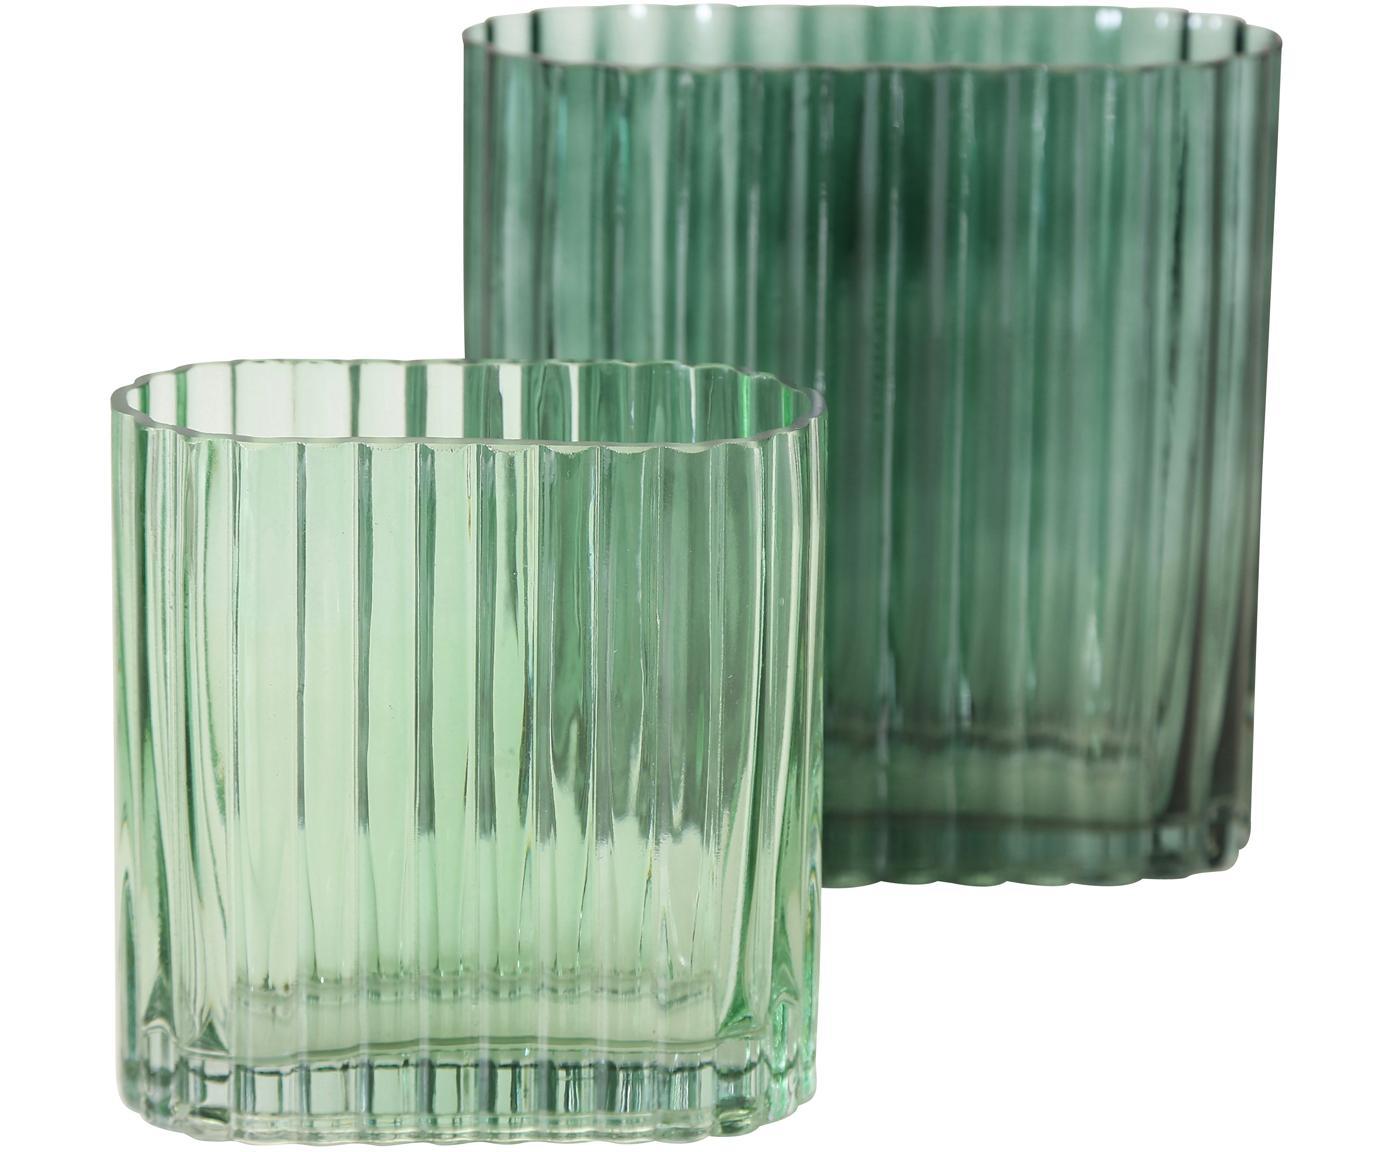 Komplet wazonów ze szkła Tulipa, 2 elem., Szkło, Zielony, Różne rozmiary